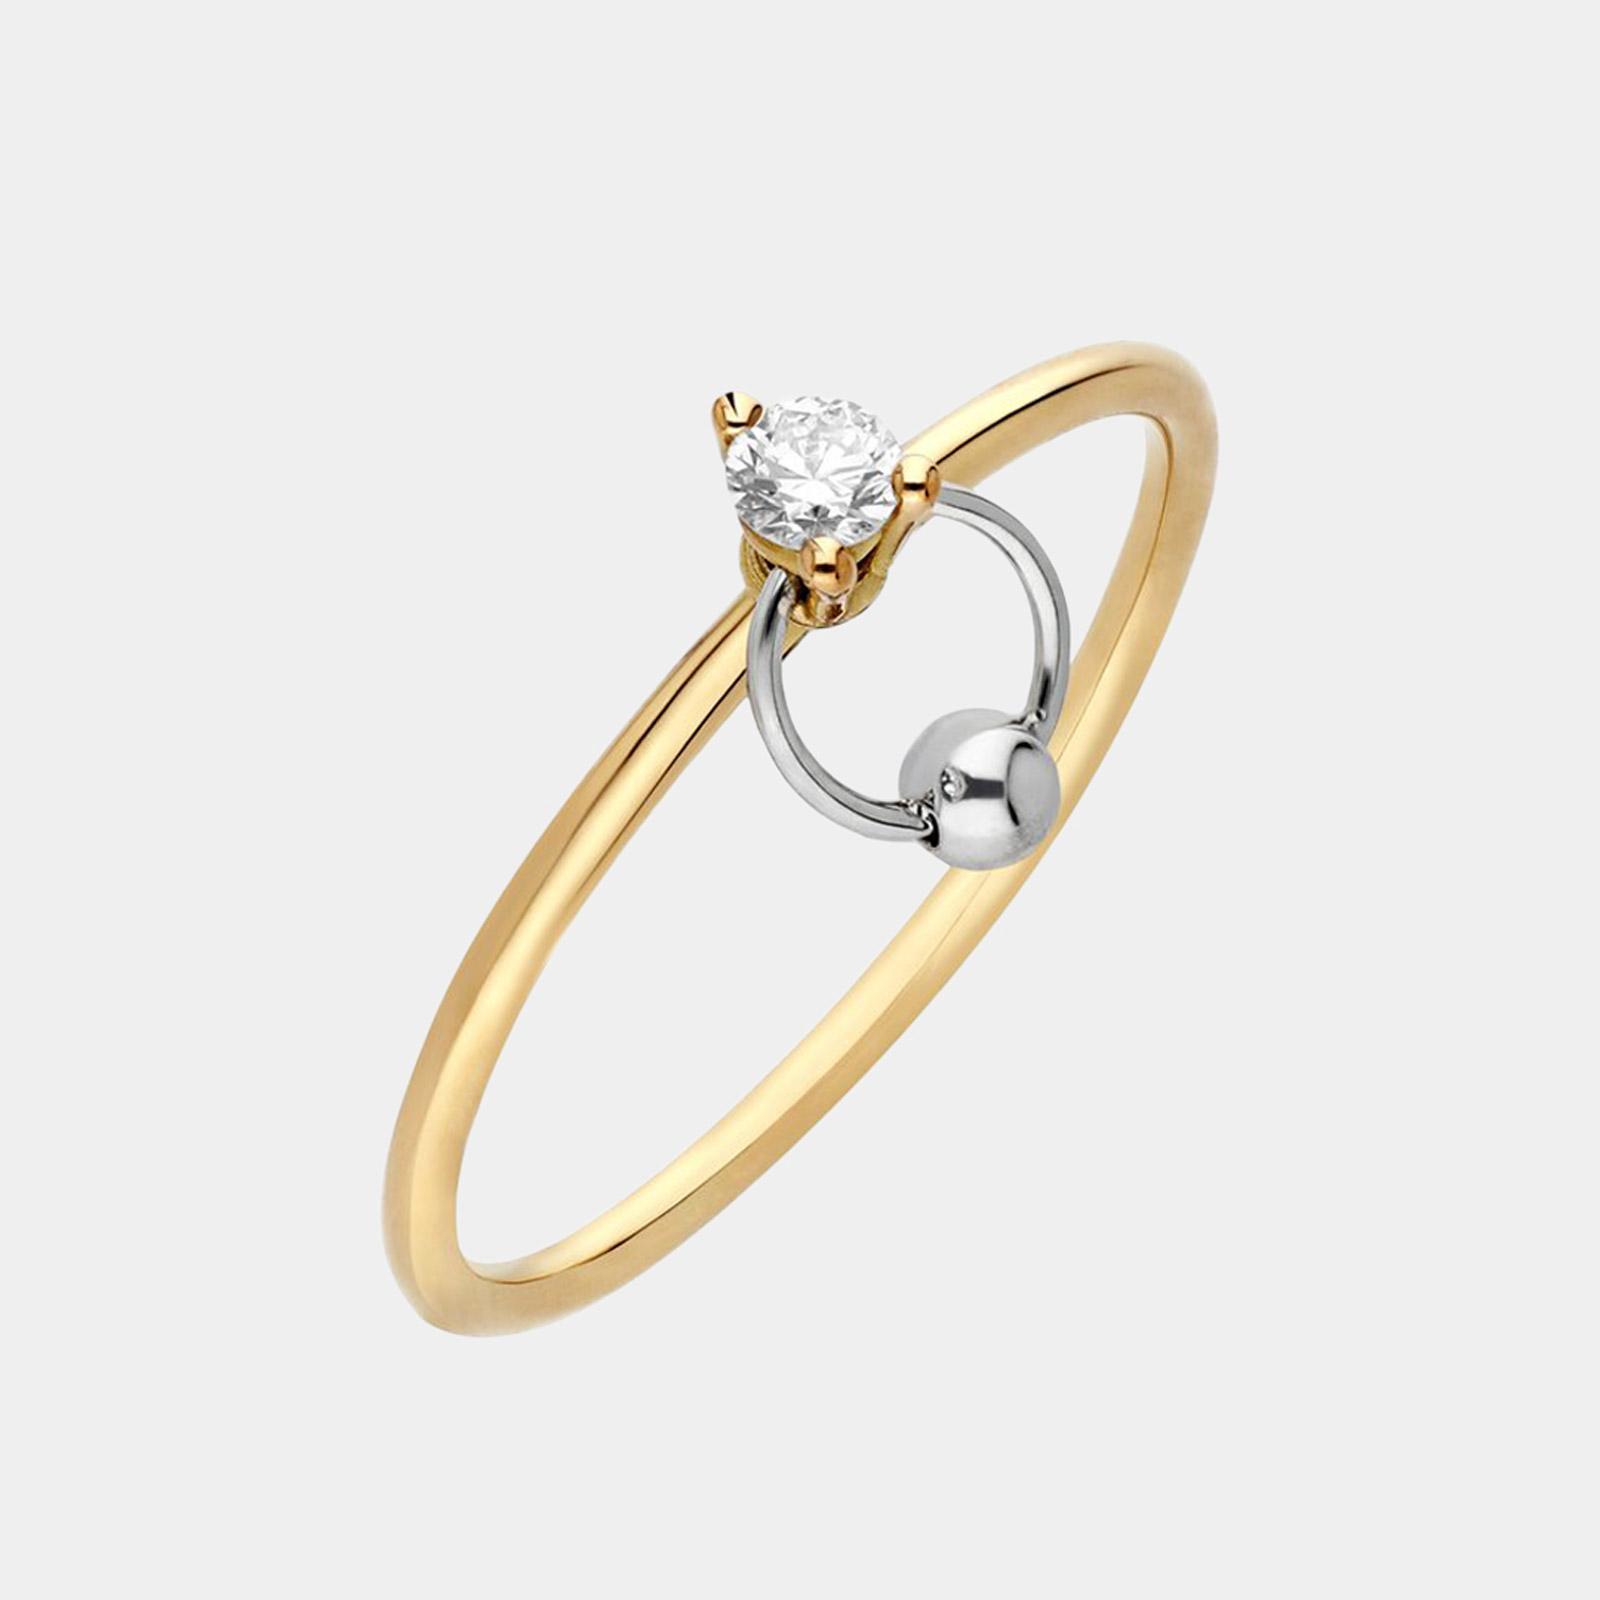 Delfina Delettrez - Fedina Two in One small in oro giallo e bianco e diamante solitario taglio brillanteRosanna Cattolico gioielli